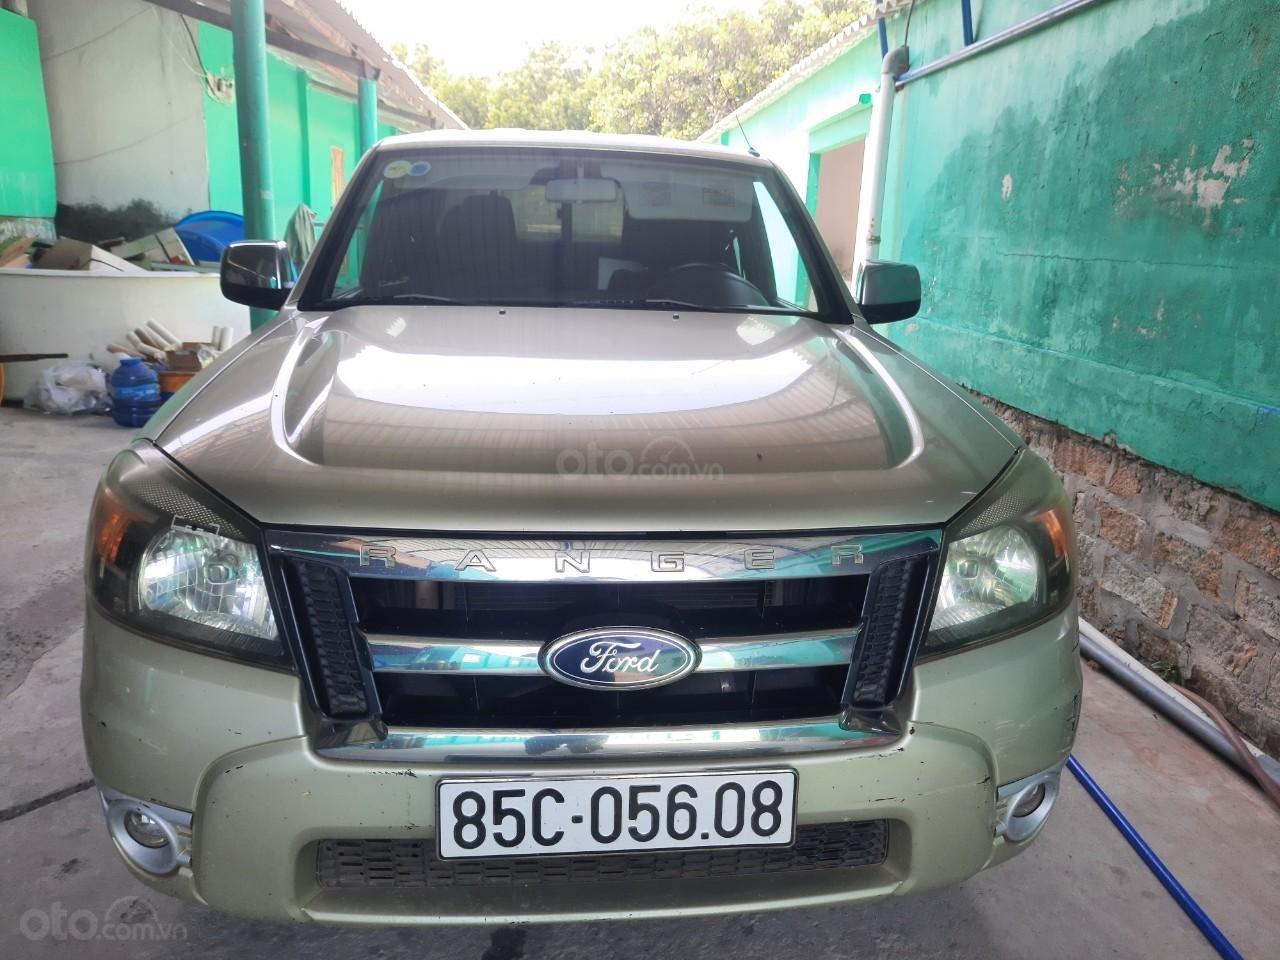 Bán Ford Ranger năm 2009 giá cạnh tranh nội thất nguyên bản (1)